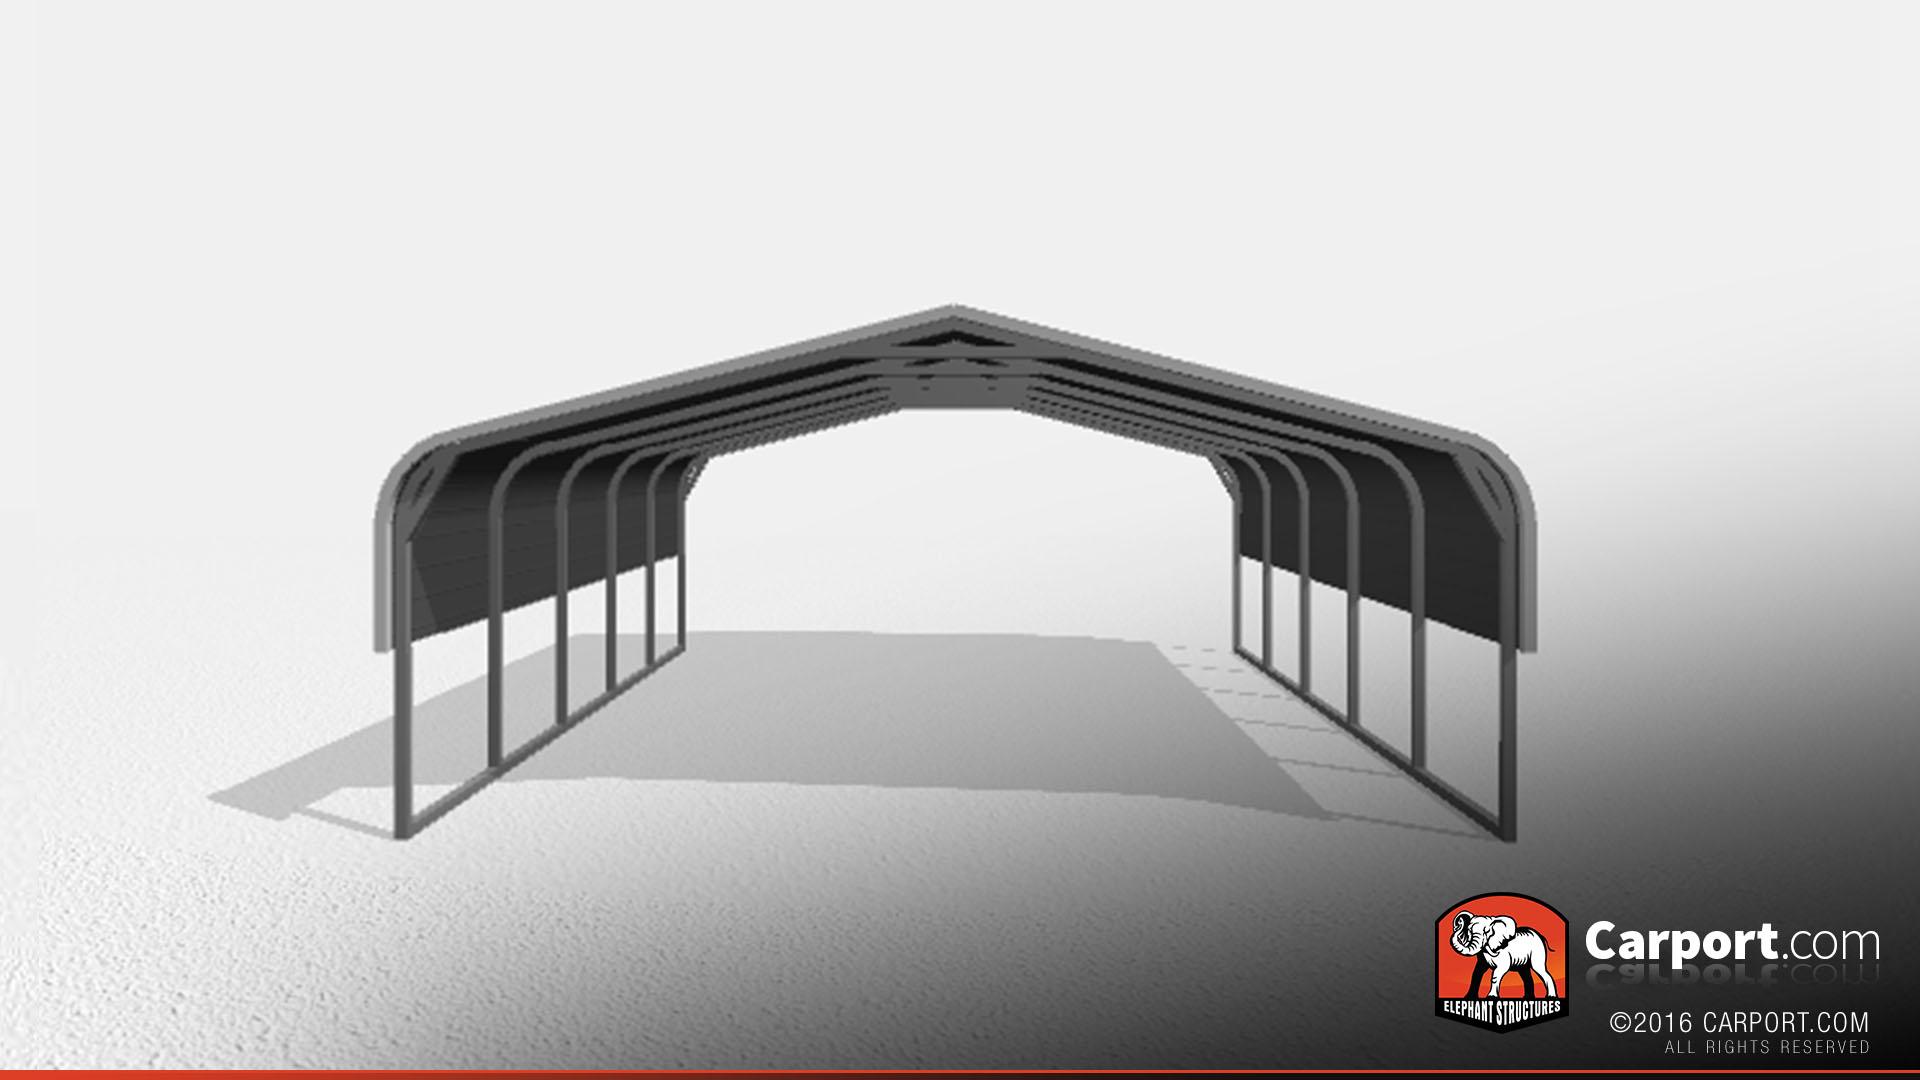 Two Car Metal Carport 18 X 21 X 6 Clearance Carport